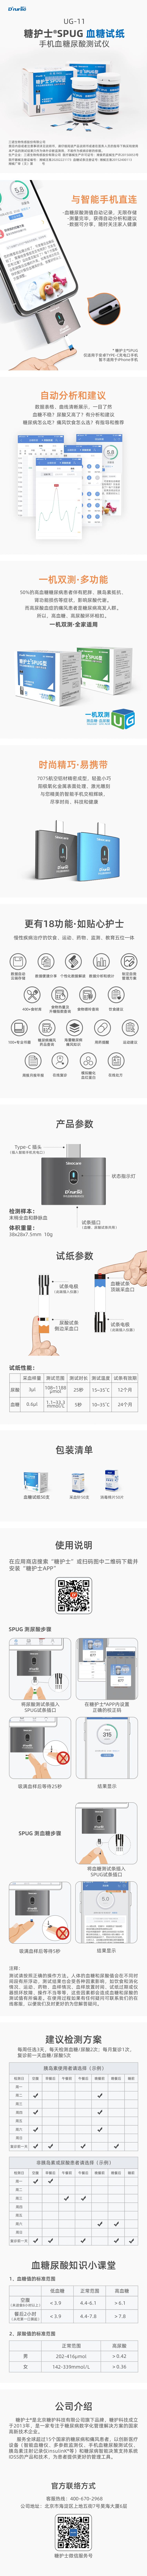 血糖试纸详情.png